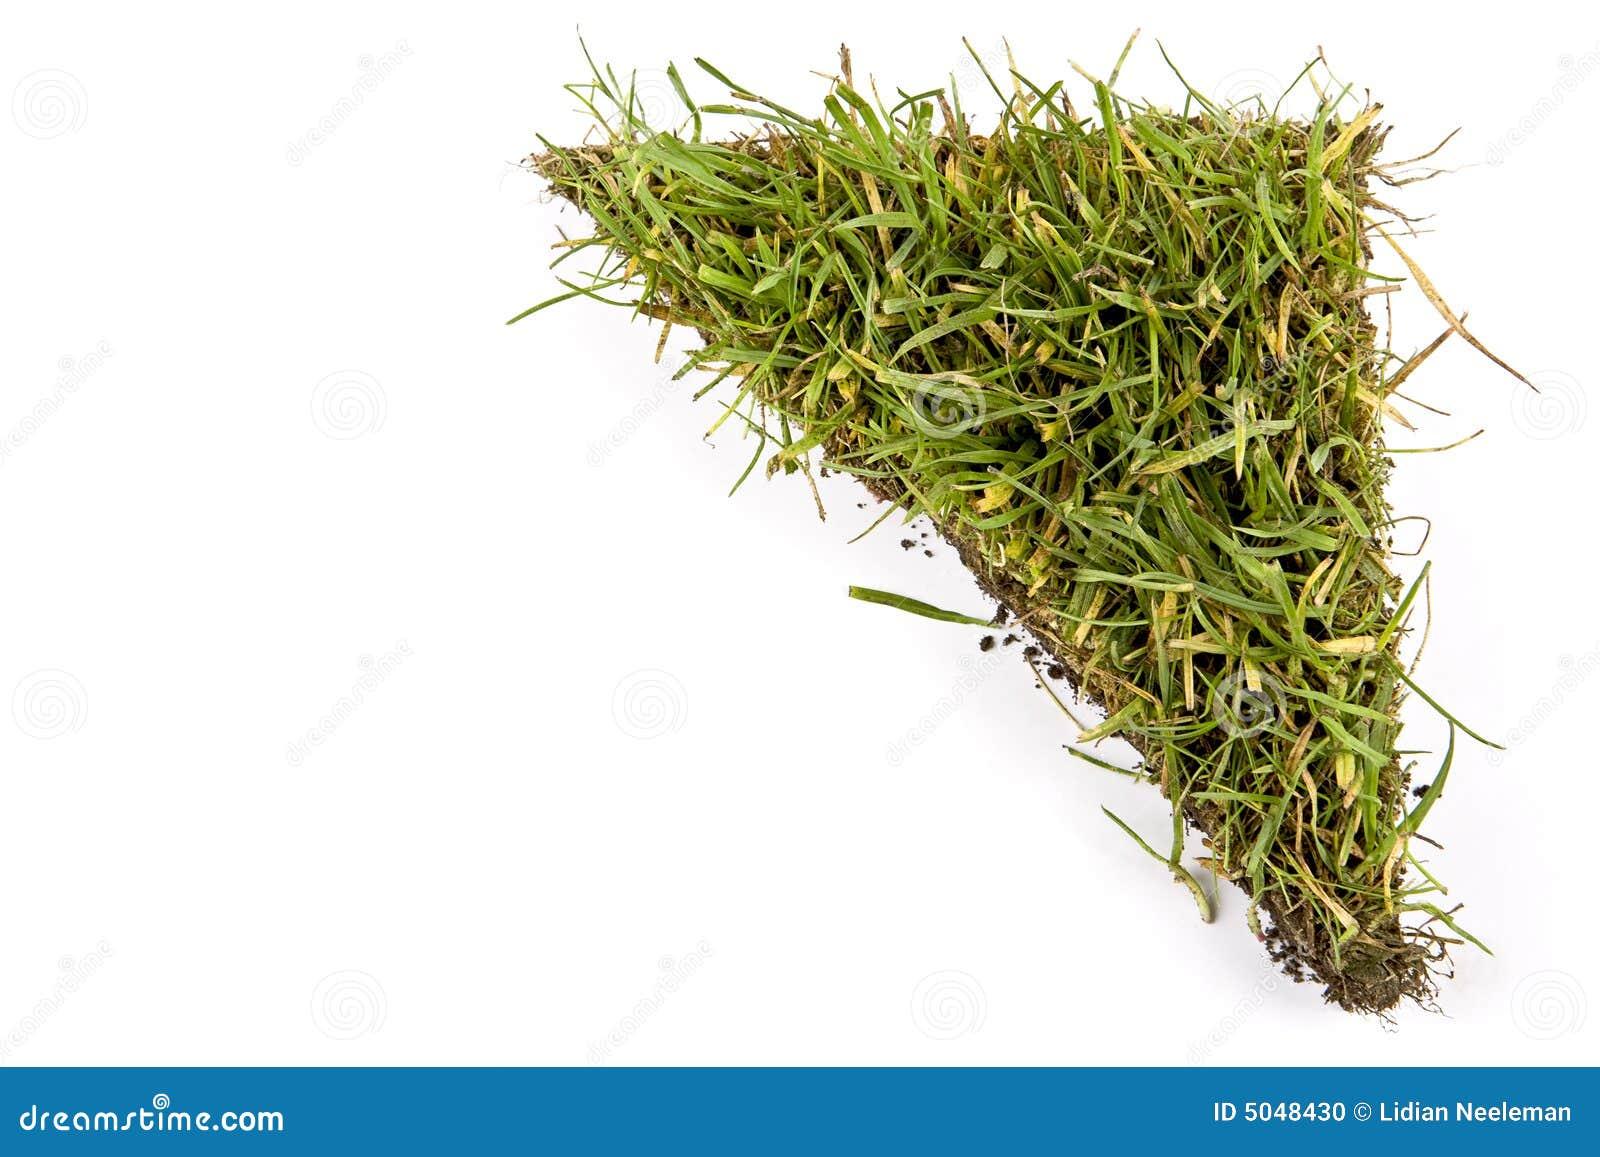 Tappeto erboso fotografia stock immagine di radice for Tappeto erboso prezzi